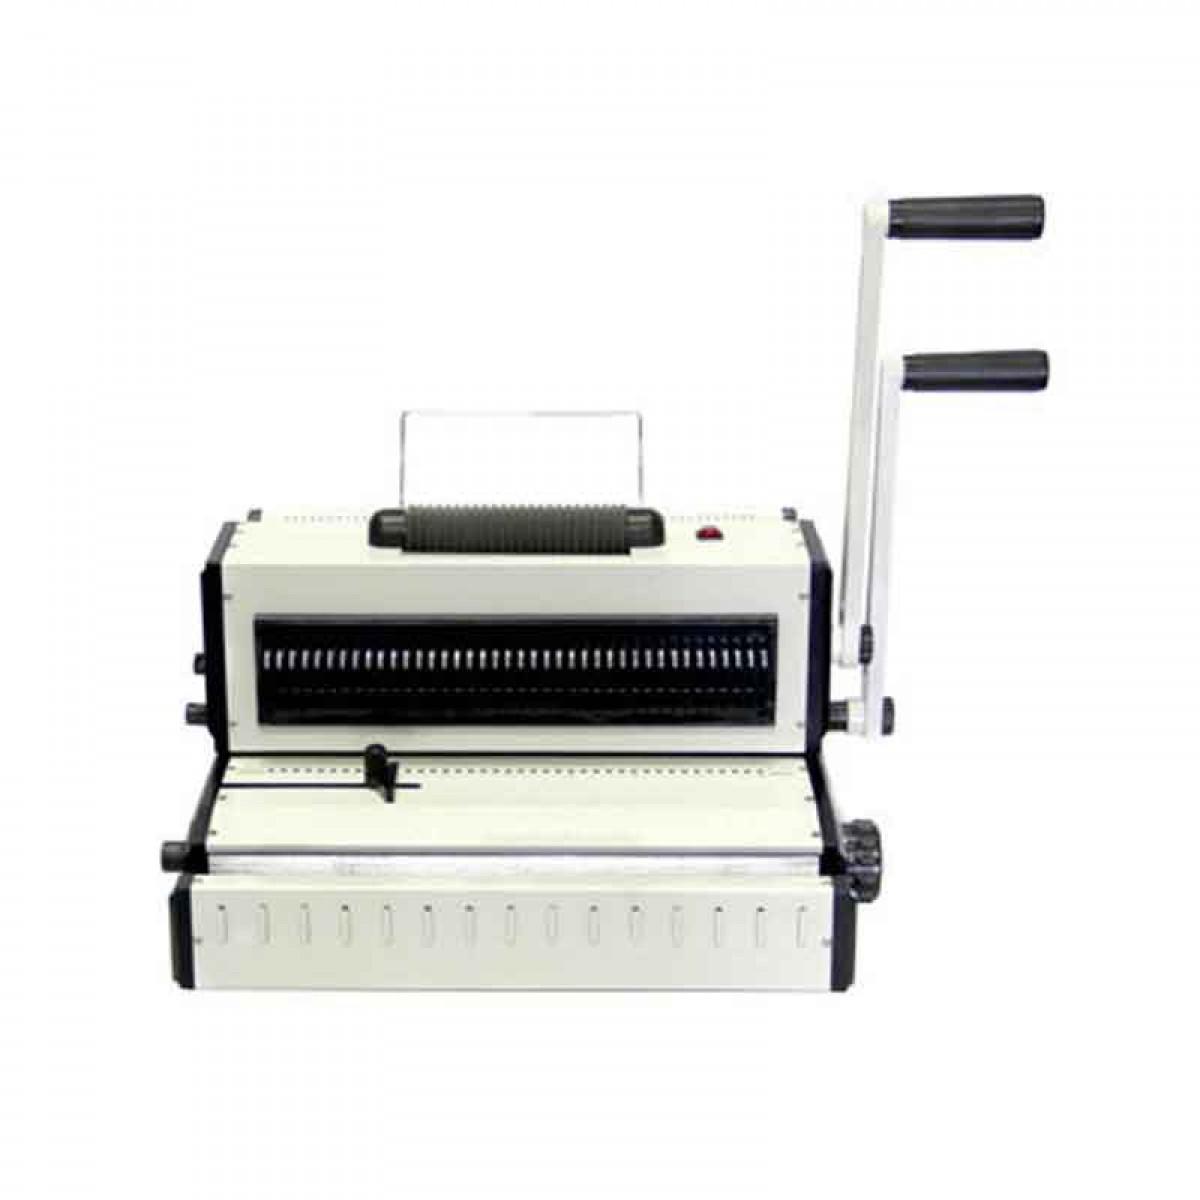 Tamerica Opticombo 341 Coil Punch Binding Machine